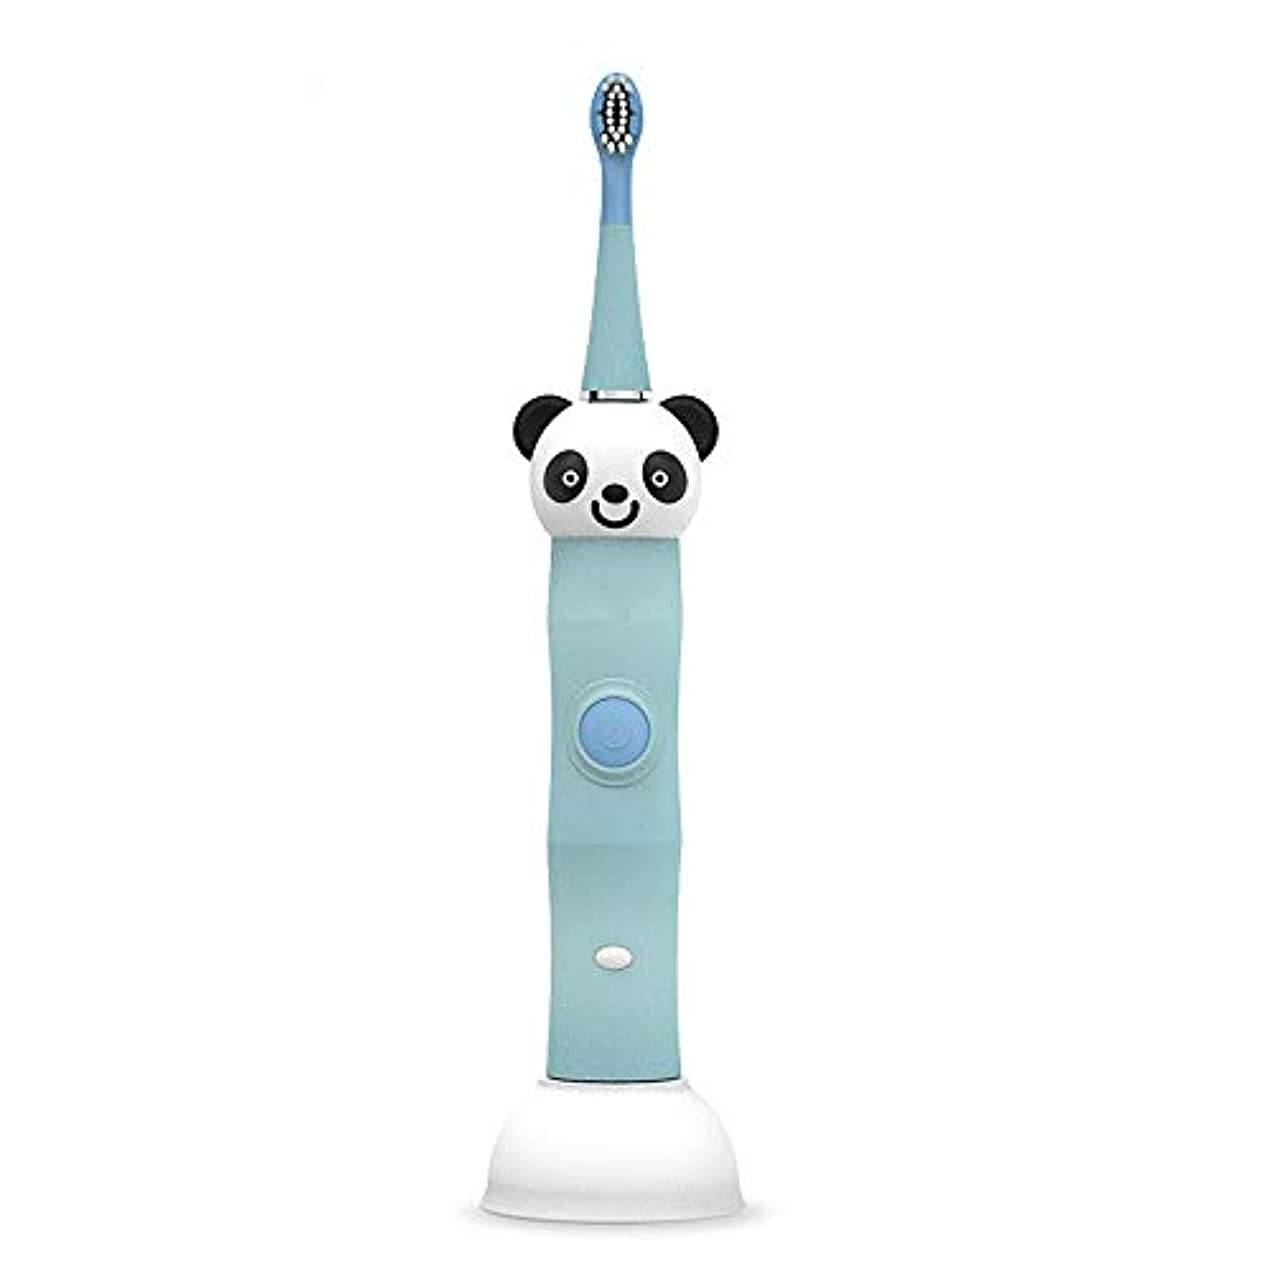 立方体エチケット権威電動歯ブラシ 毎日の使用のためのUSBの充満基盤の柔らかい毛のきれいな歯ブラシと防水子供の電動歯ブラシ 大人と子供向け (色 : 青, サイズ : Free size)